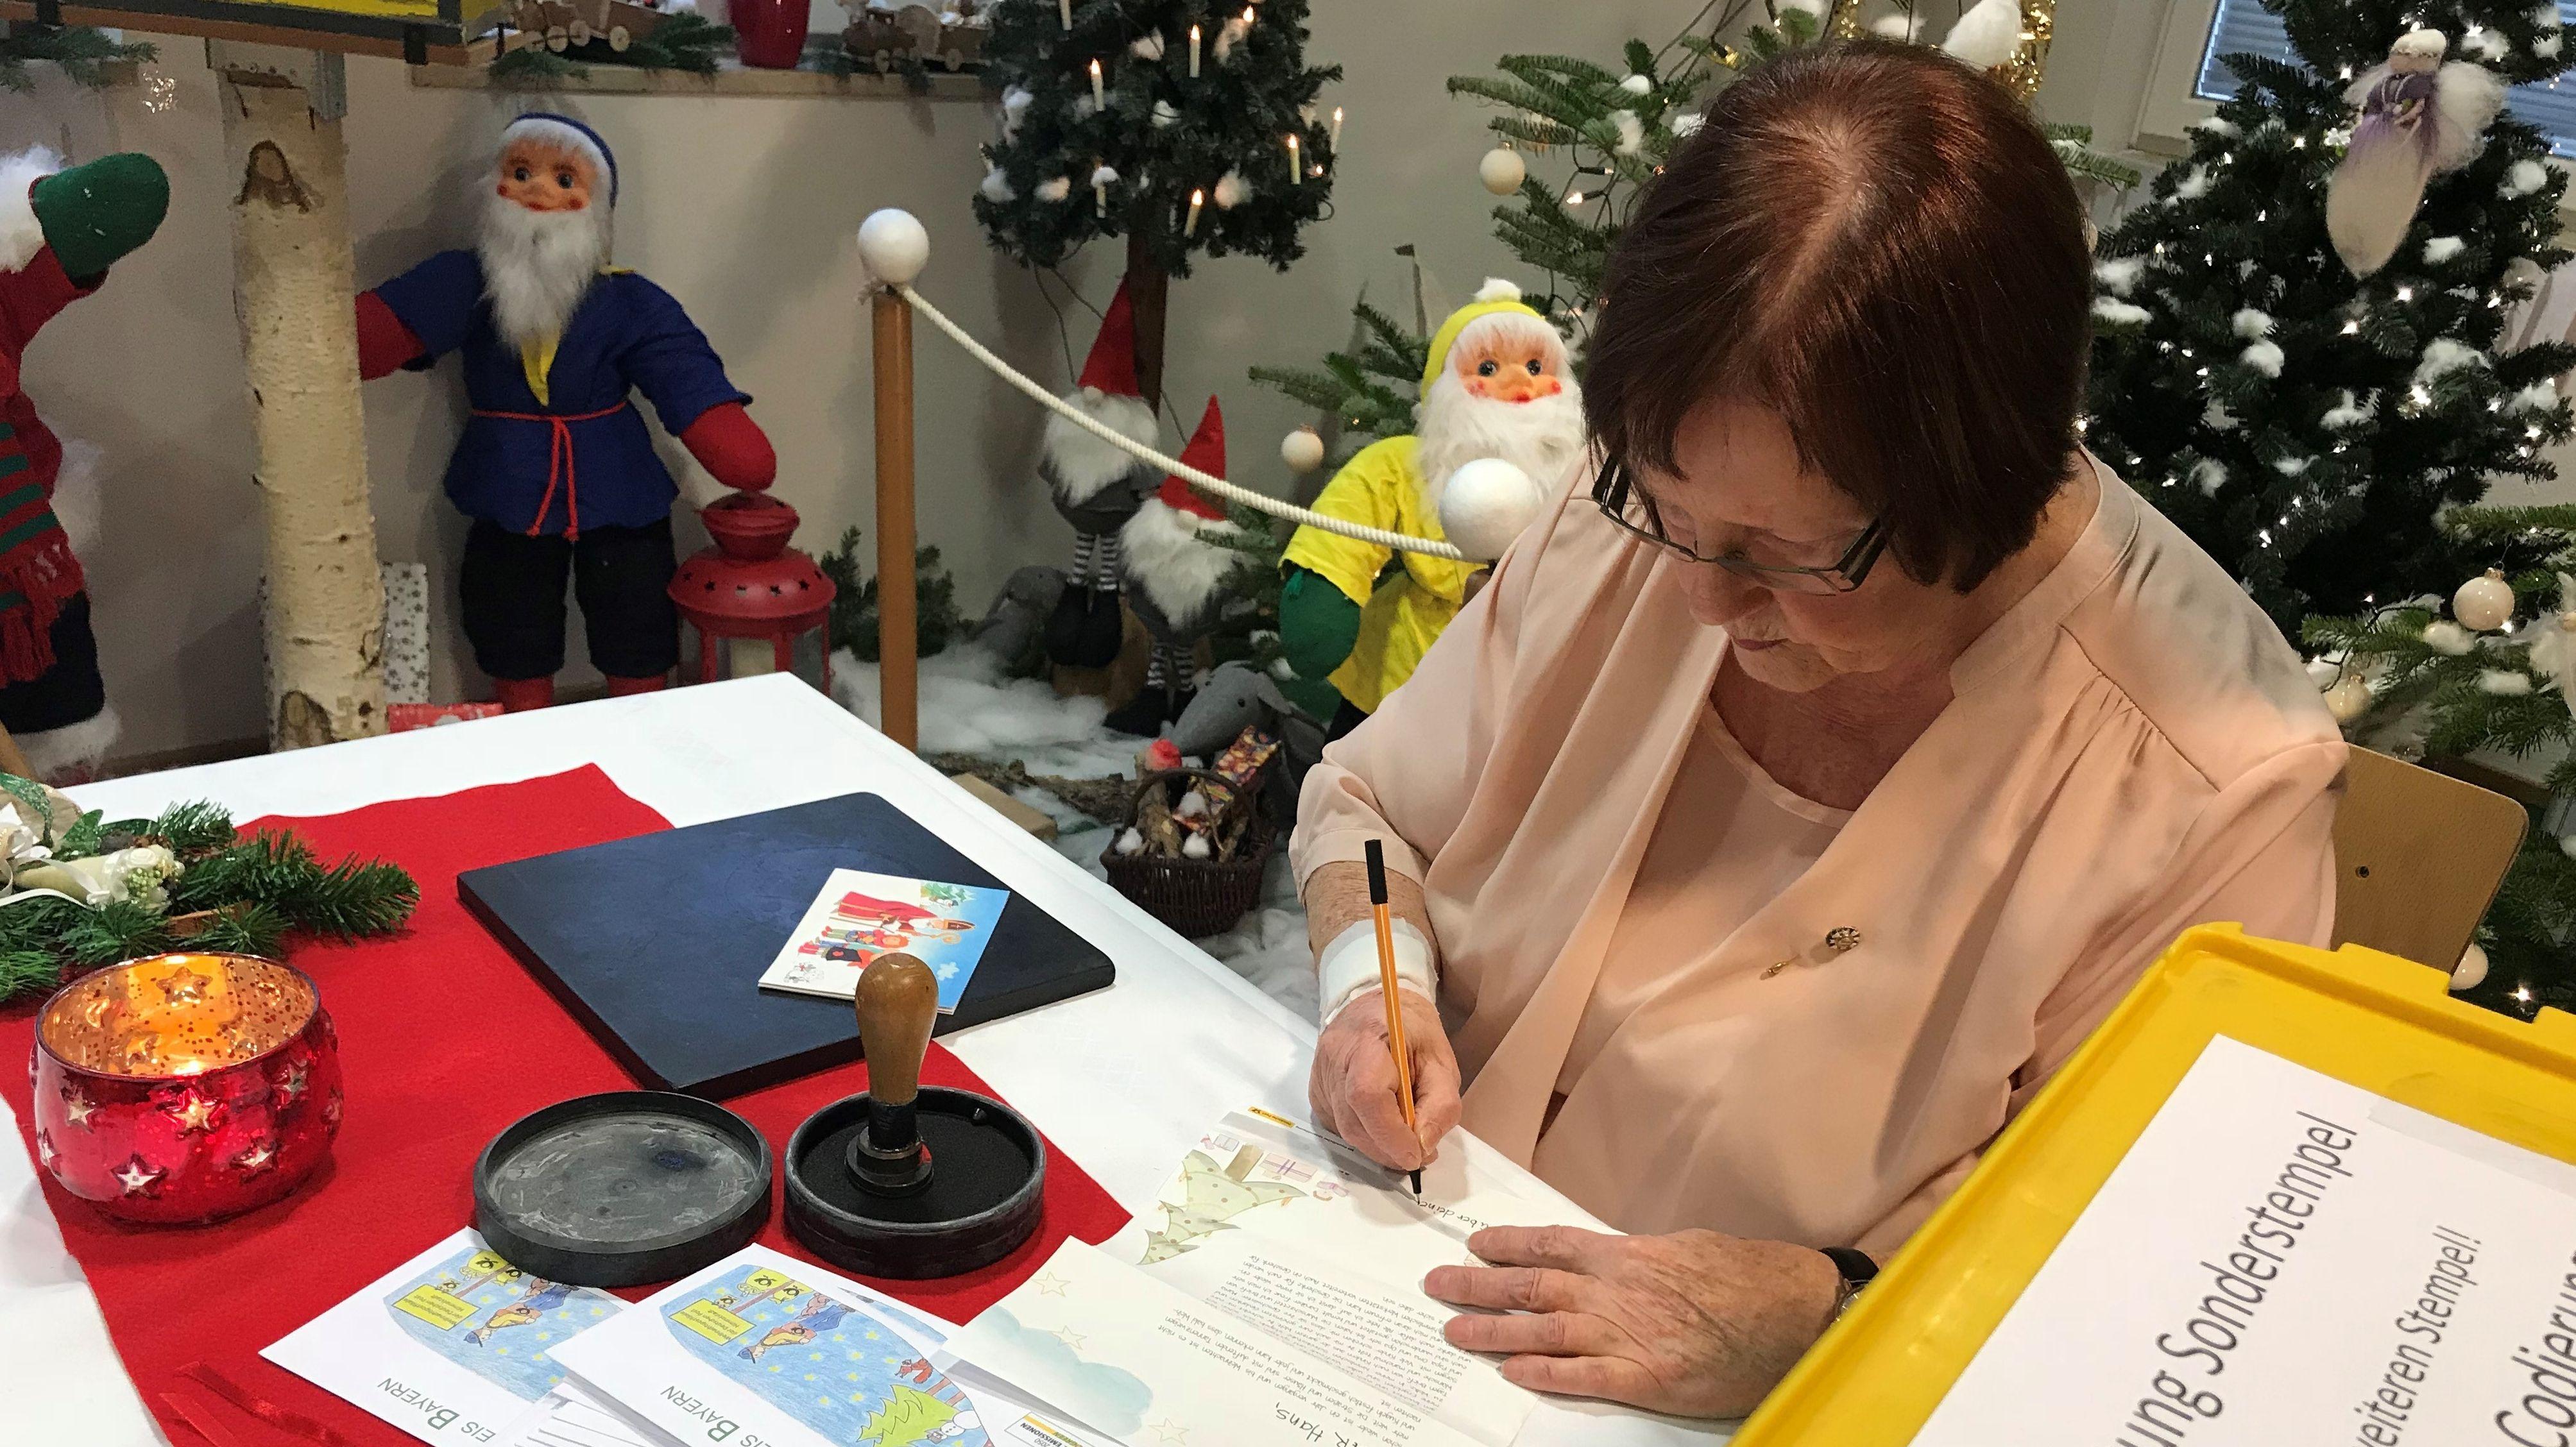 Rosemarie Schotte beim Beantworten eines Briefes